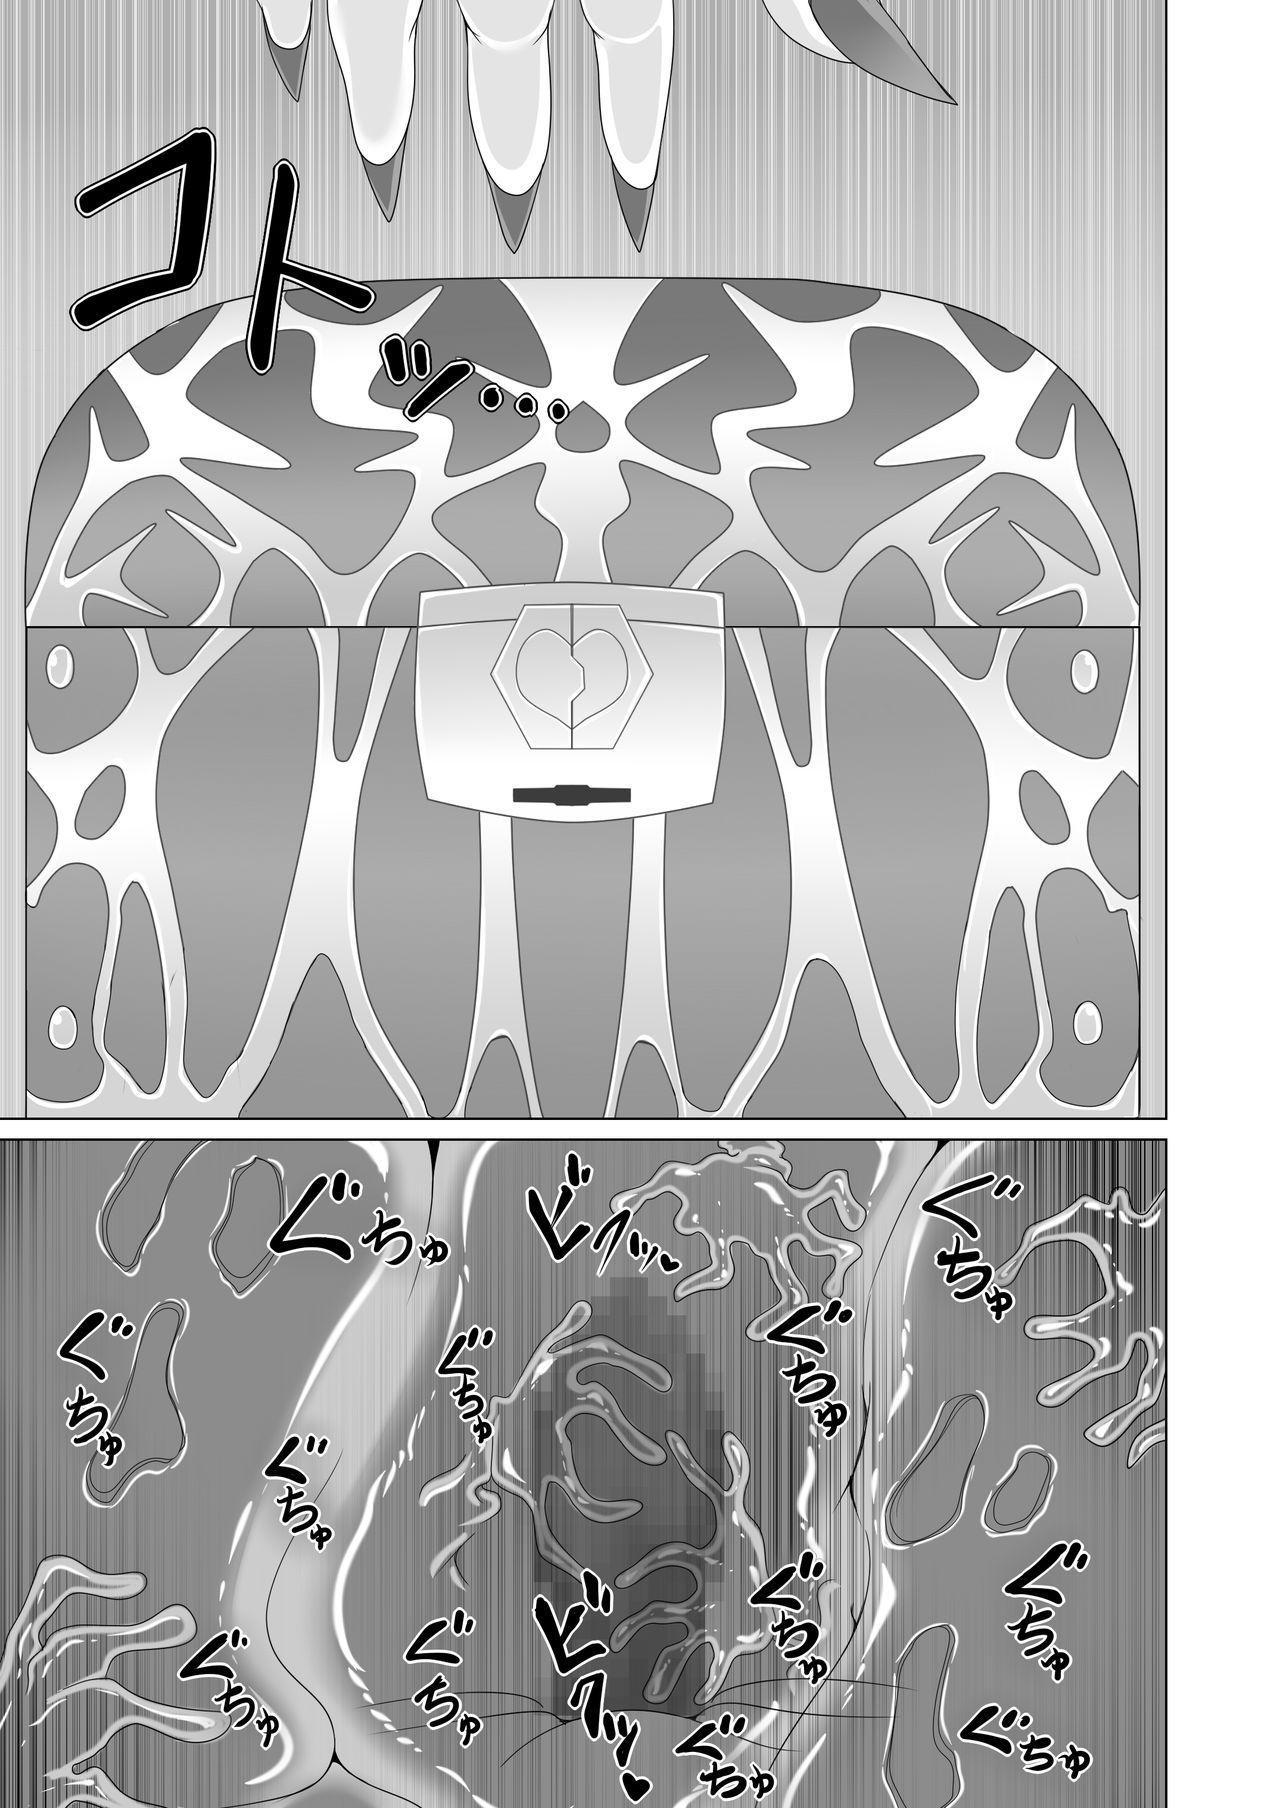 Seirei no Kago no Chikara de nan do mo Fukkatsu shite kita Yūsha wa Maō ni yotte KuriBOX ni sarete shi   The Hero who resurrected many times with the power of the Spirit's Blessing is made into a CLITBOX by the Demon King 15